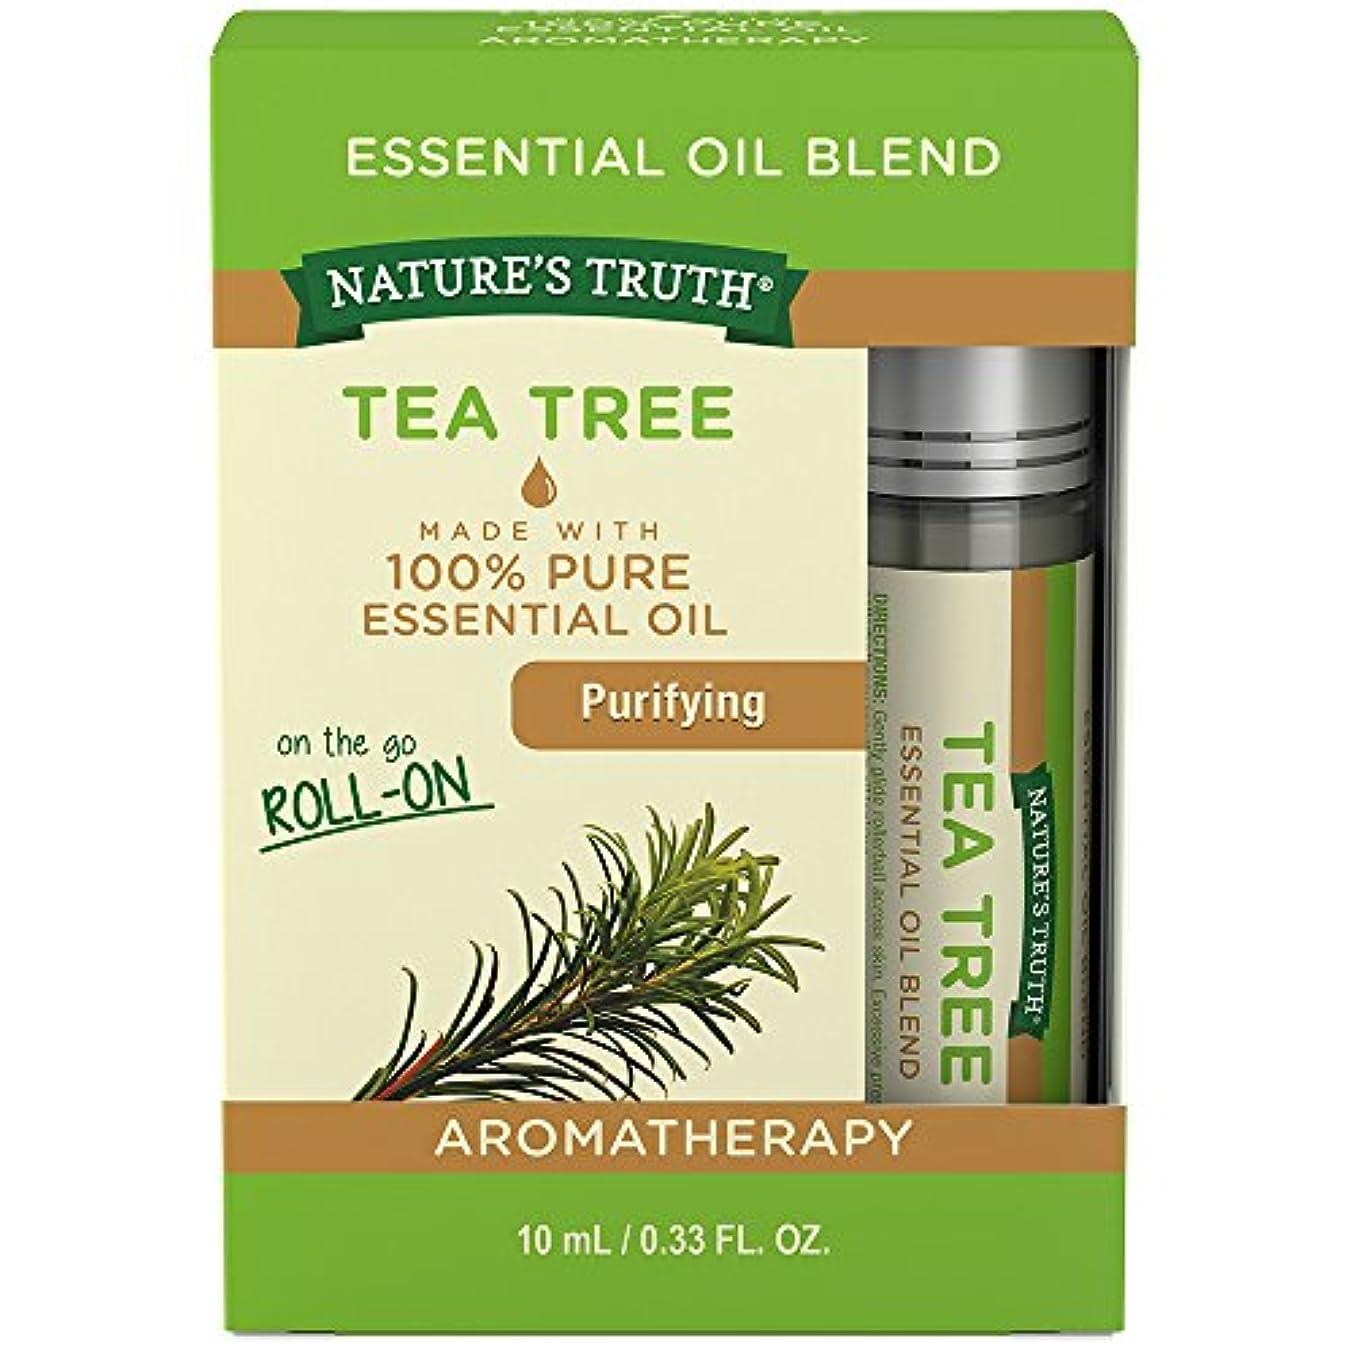 Nature's Truth Tea Tree Roll-On, 0.34 Fluid Ounce